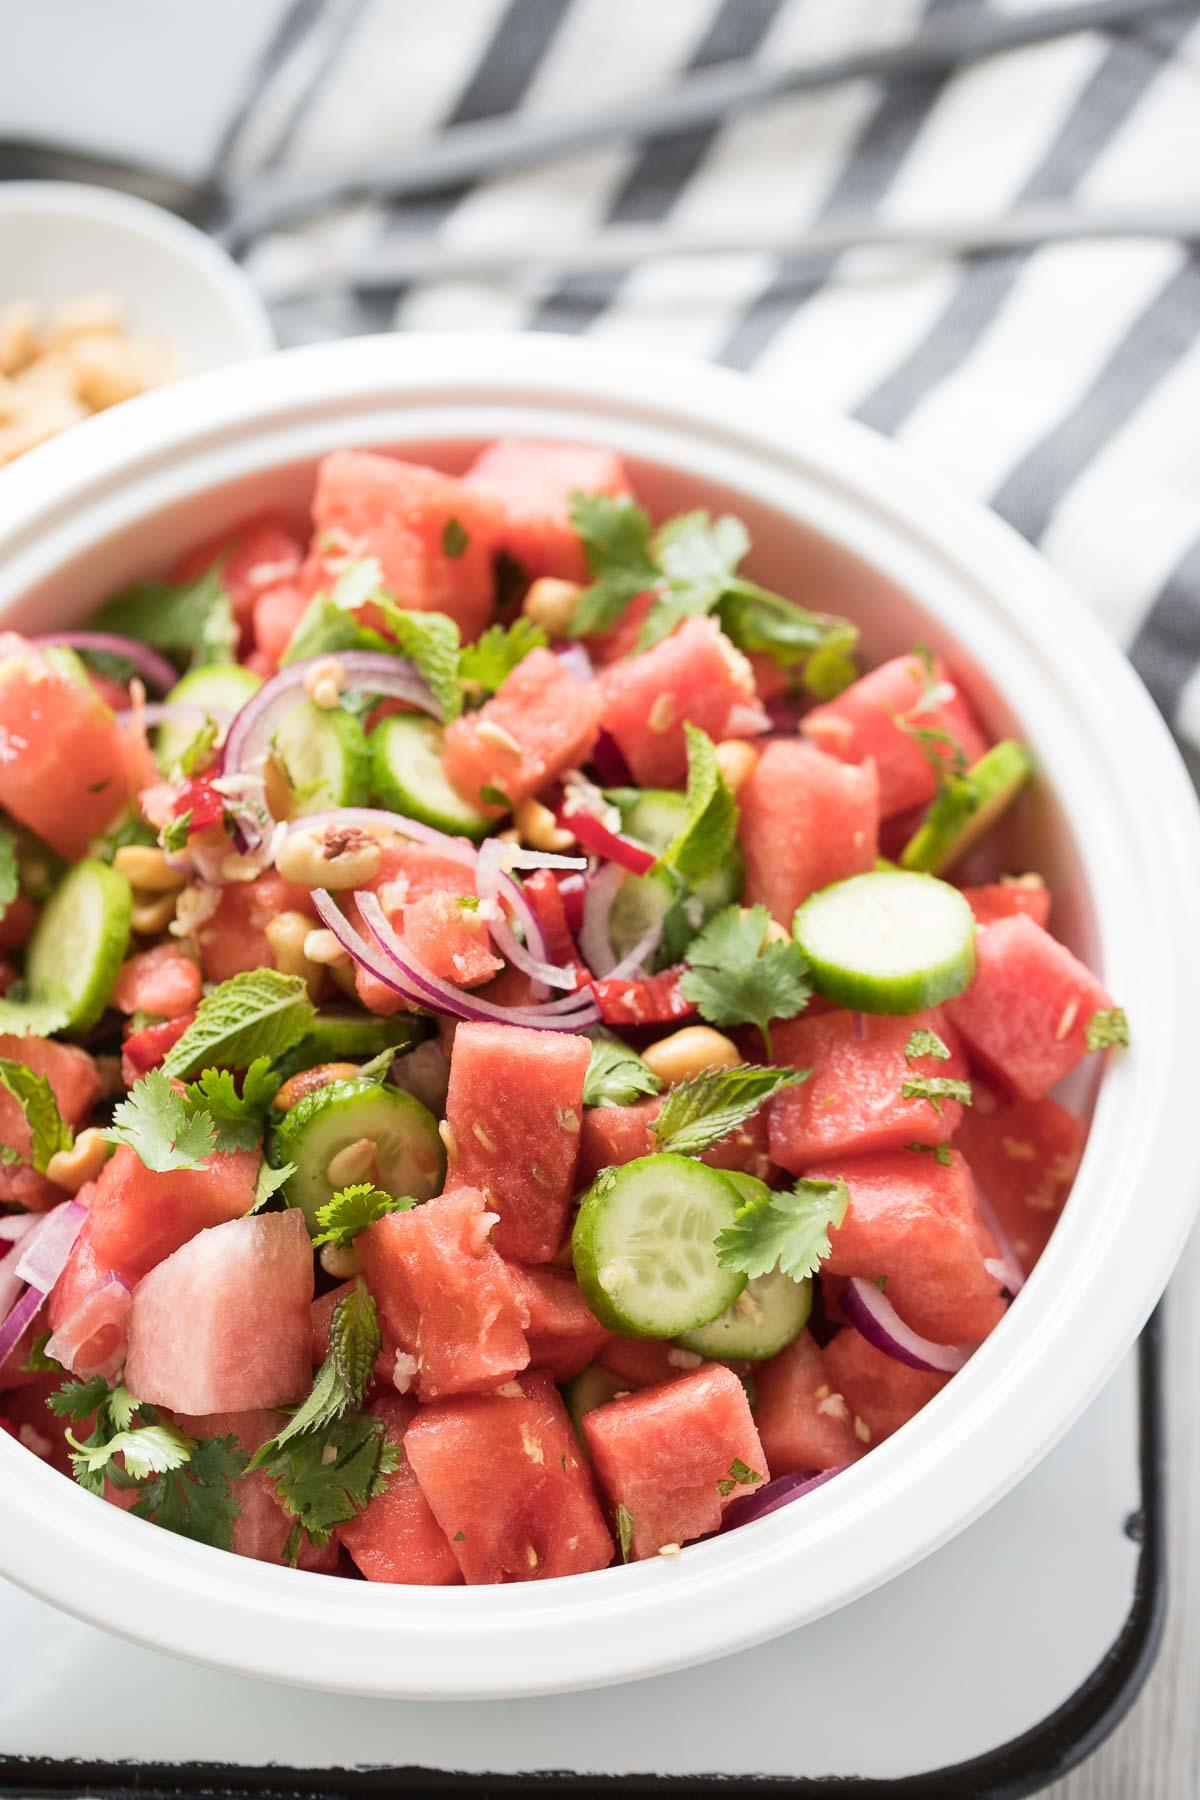 Thailändischer Wassermelonen-Salat Rezept mit Gurke, Chili und Koriander